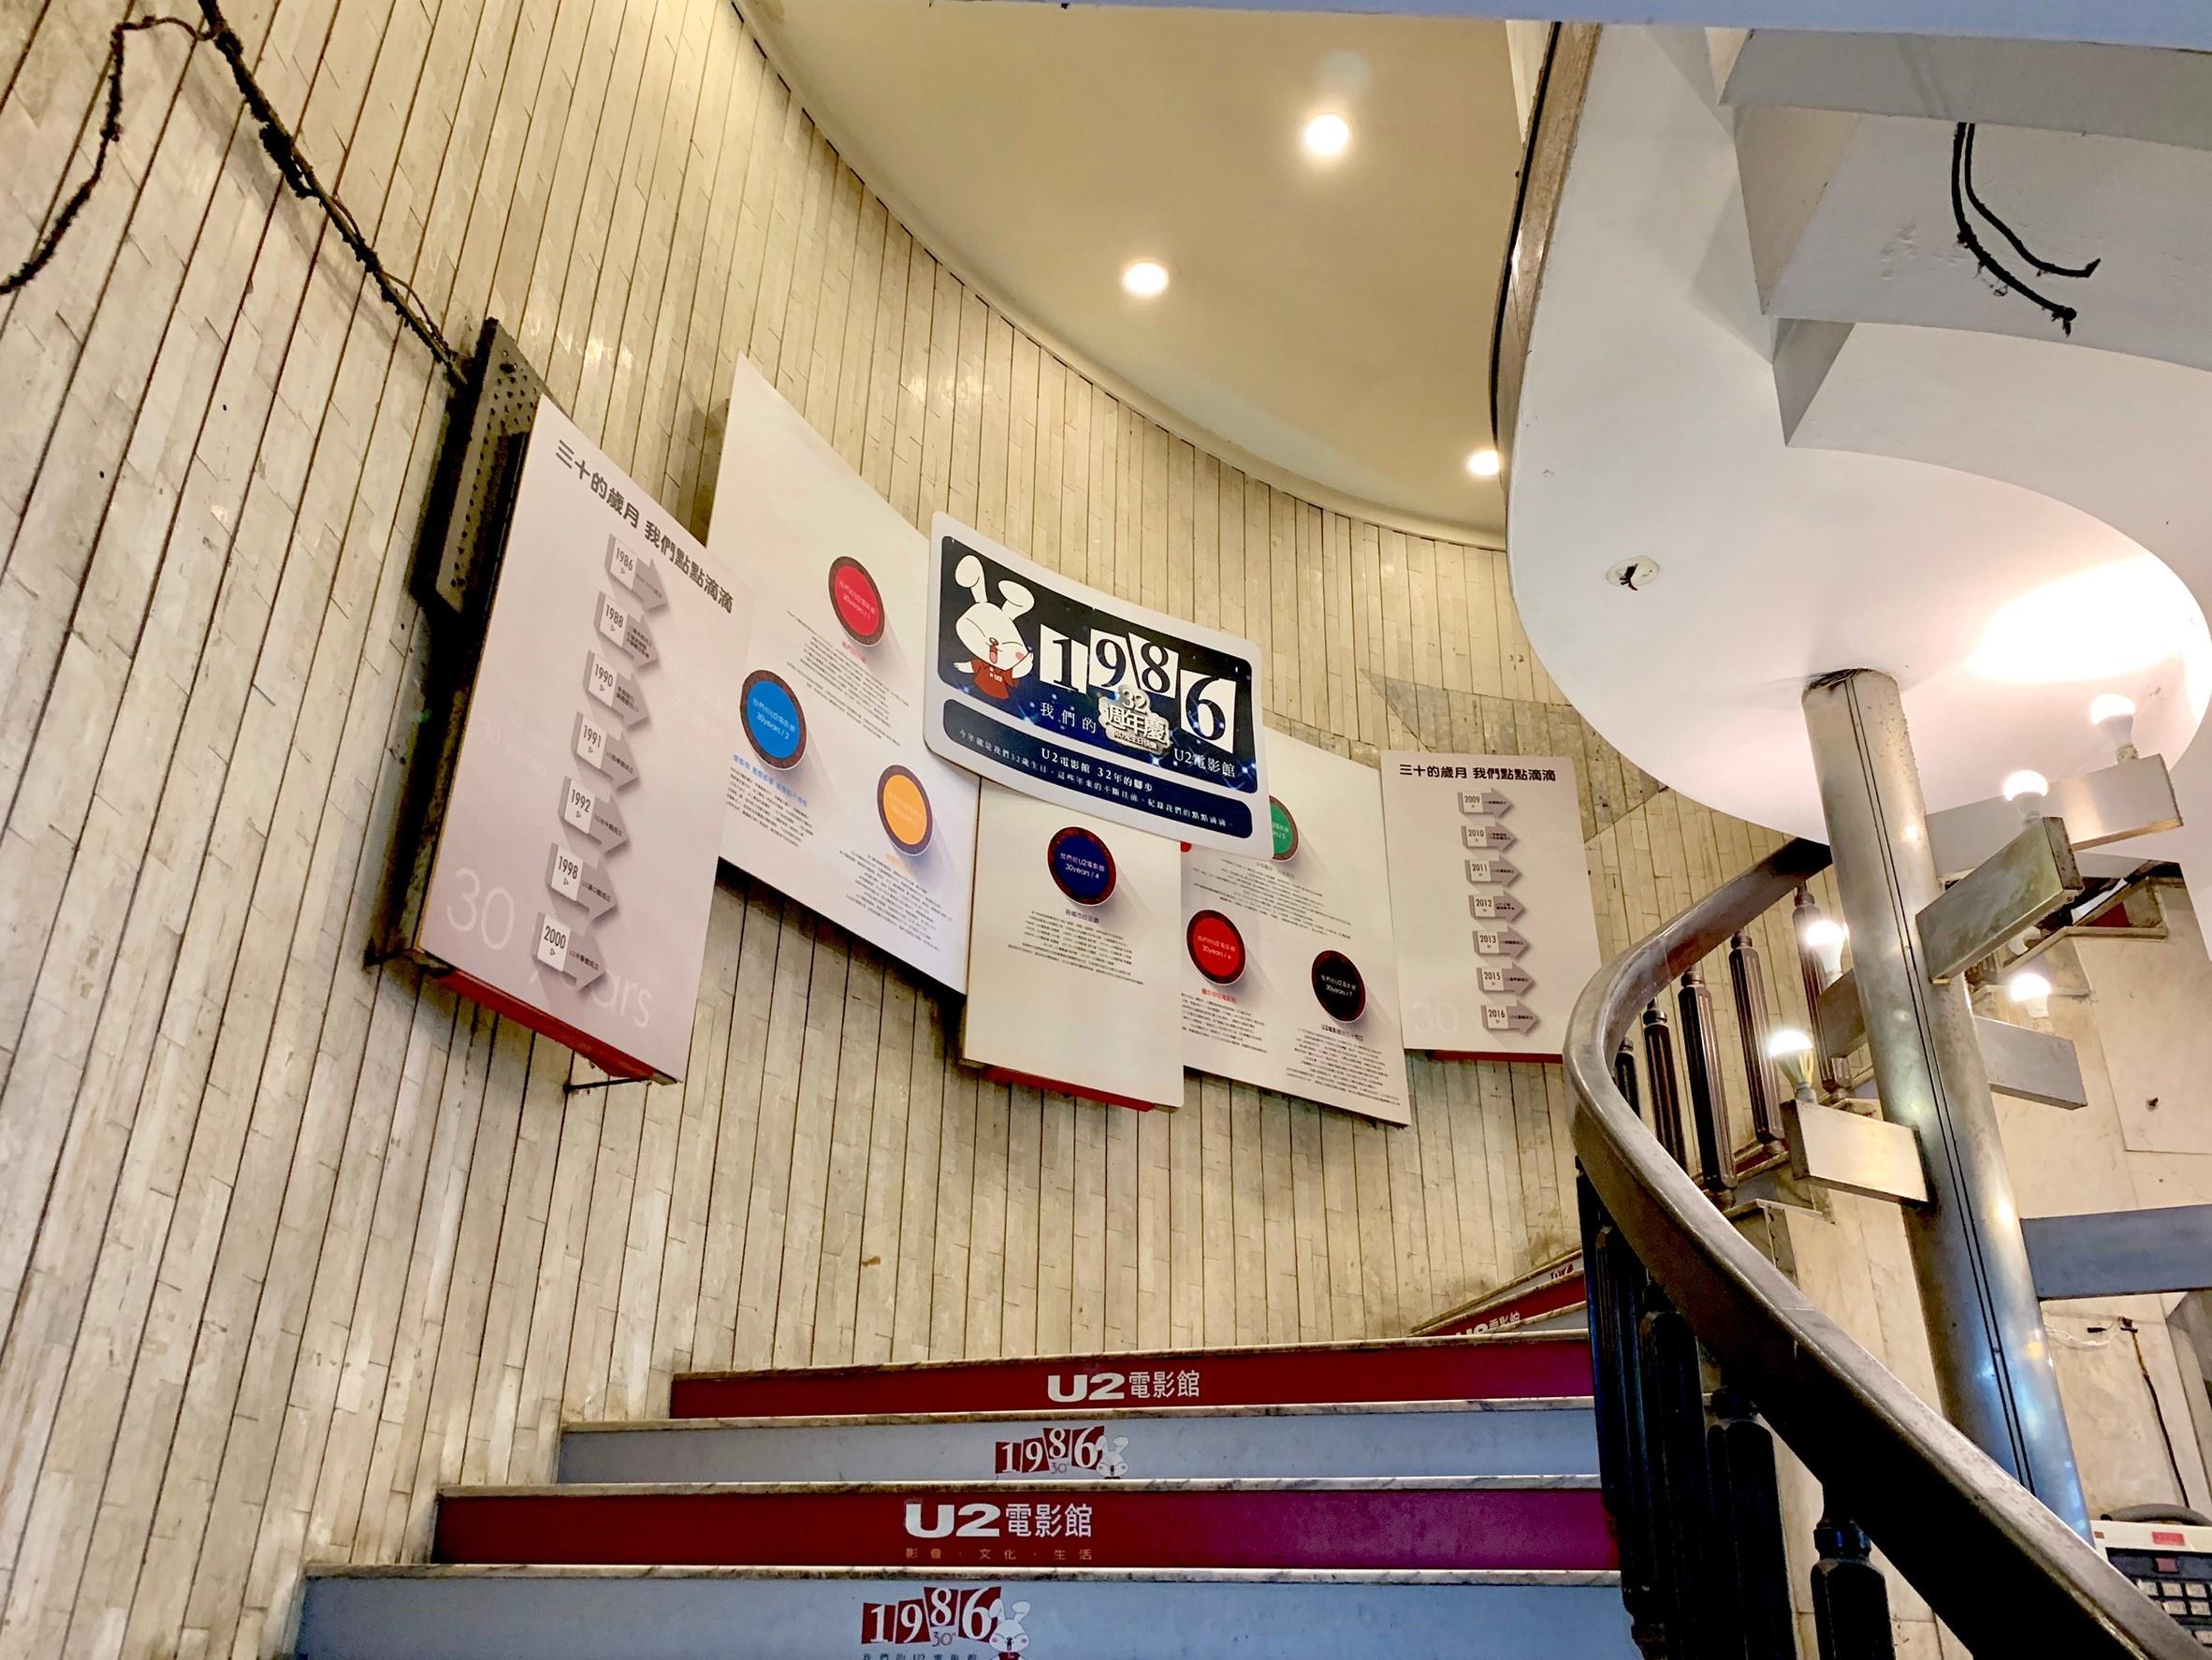 【新北板橋】U2電影館 板橋館│不用人擠人的專屬包廂電影院【藍光影片最便宜 3D電影隨到隨看】紫外線殺菌清潔、員工配戴醫療口罩,防疫共齊心,讓看電影更安心!